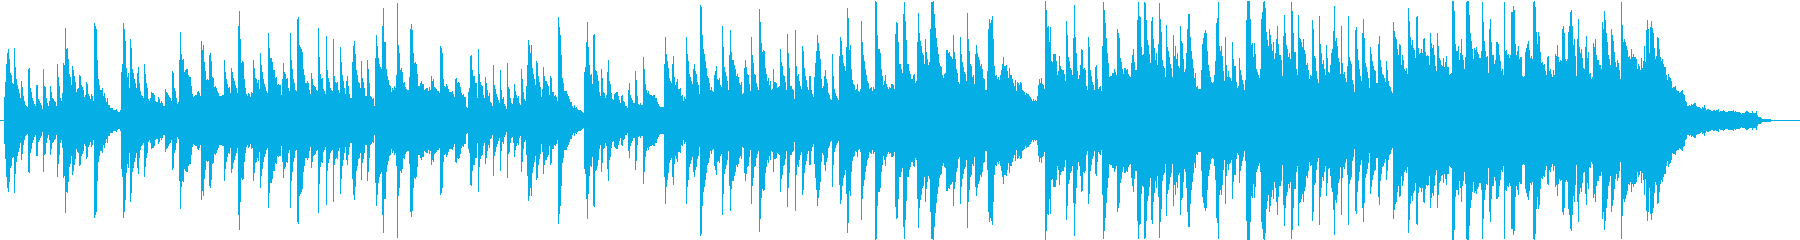 『凛とした様子』をピアノ曲で表しましたの再生済みの波形